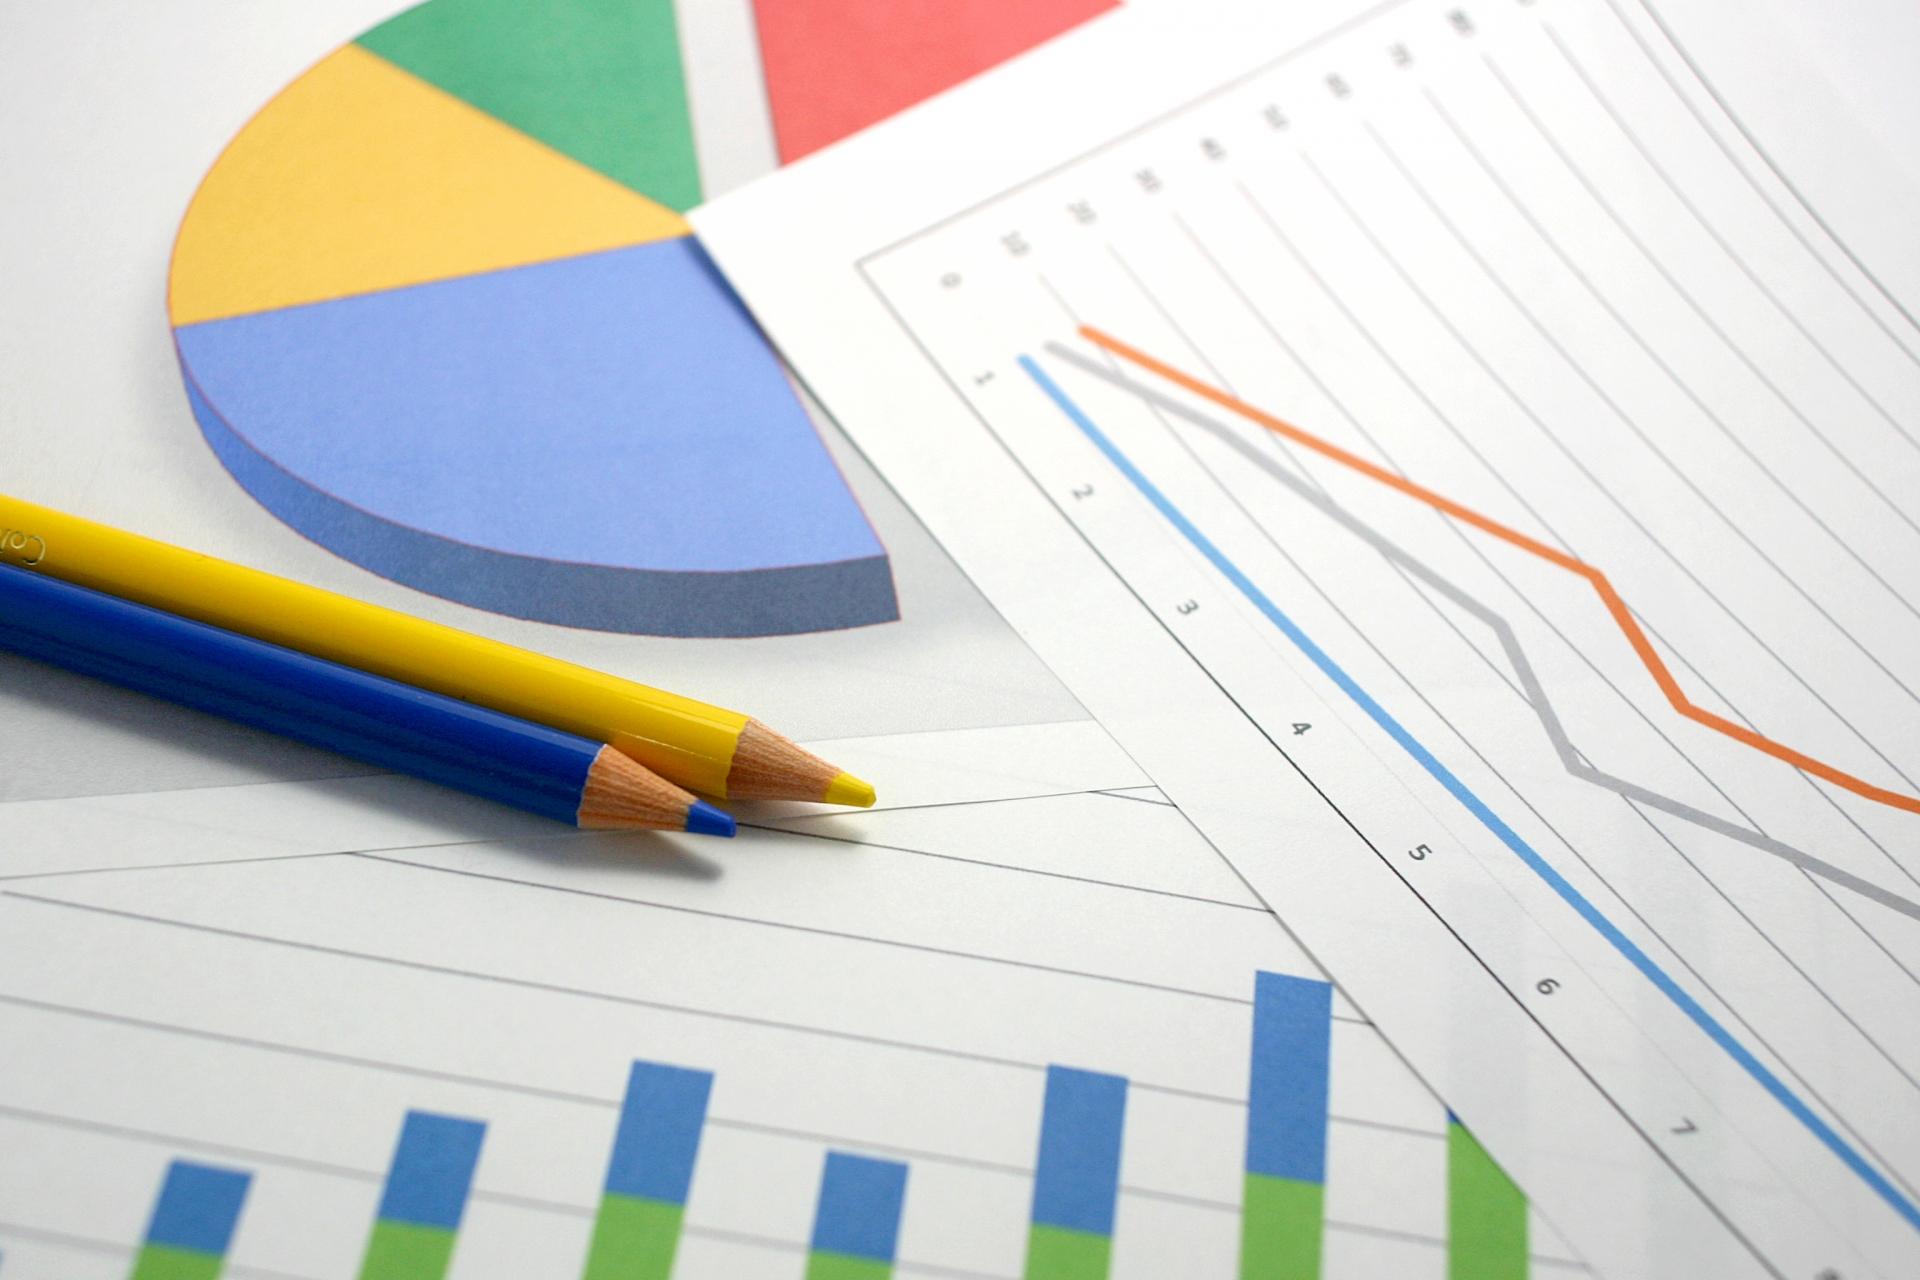 [家計管理] 2017年5月分、年収600万円の我が家の家計簿を大公開。住宅ローンや手取り額などを公開。